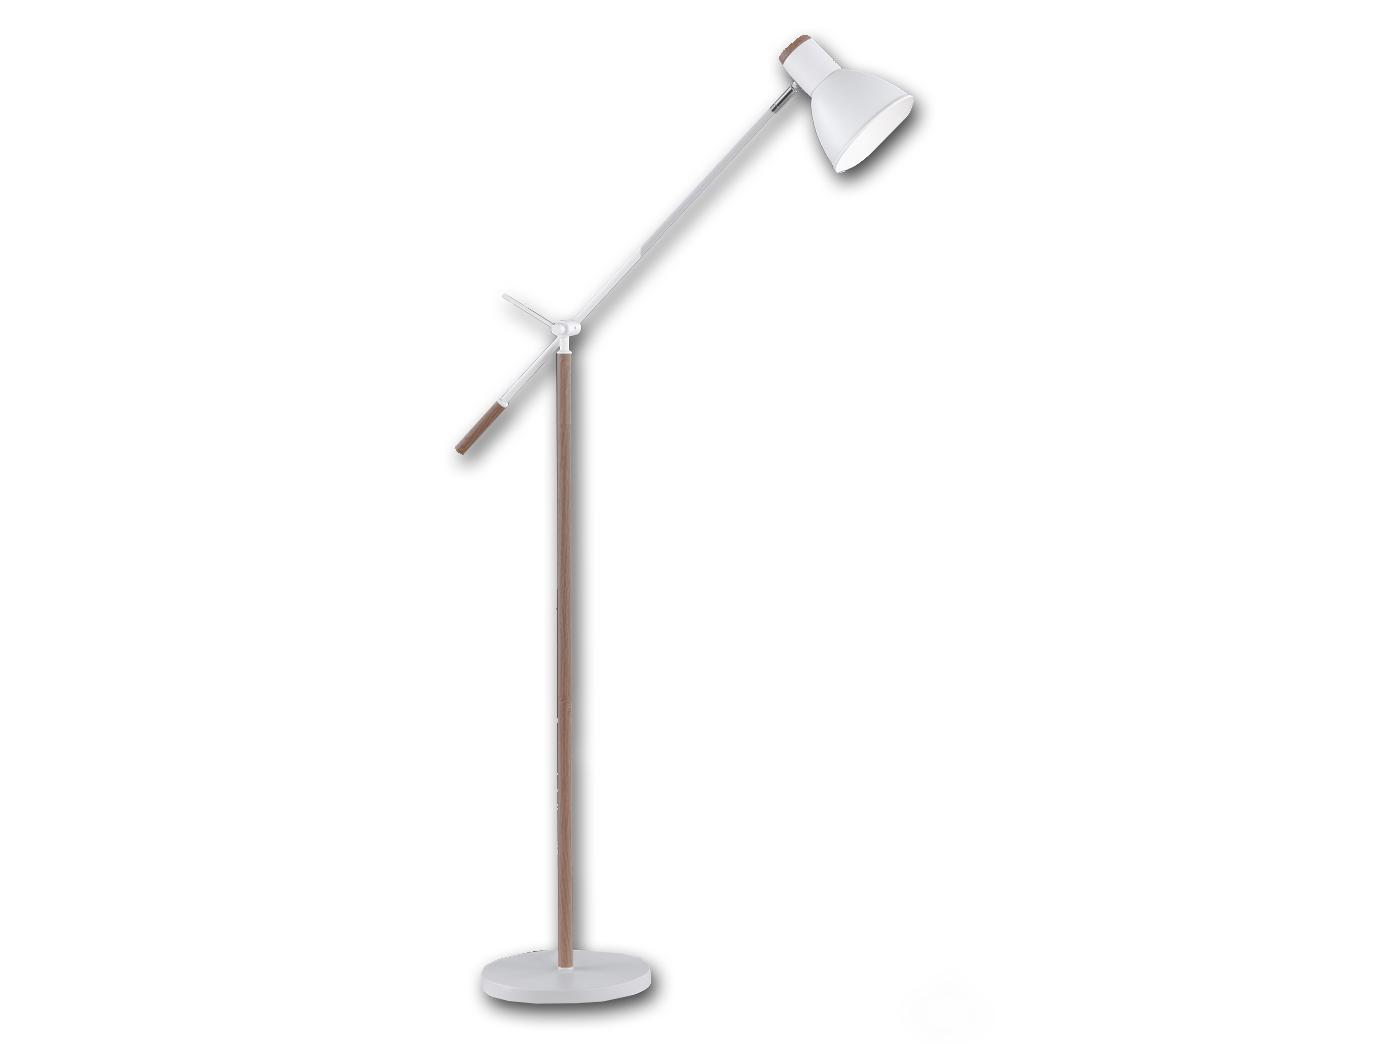 Stehlampe Schwenkbar Mit Led Weiss Holzfarbig H 150cm Burolampen